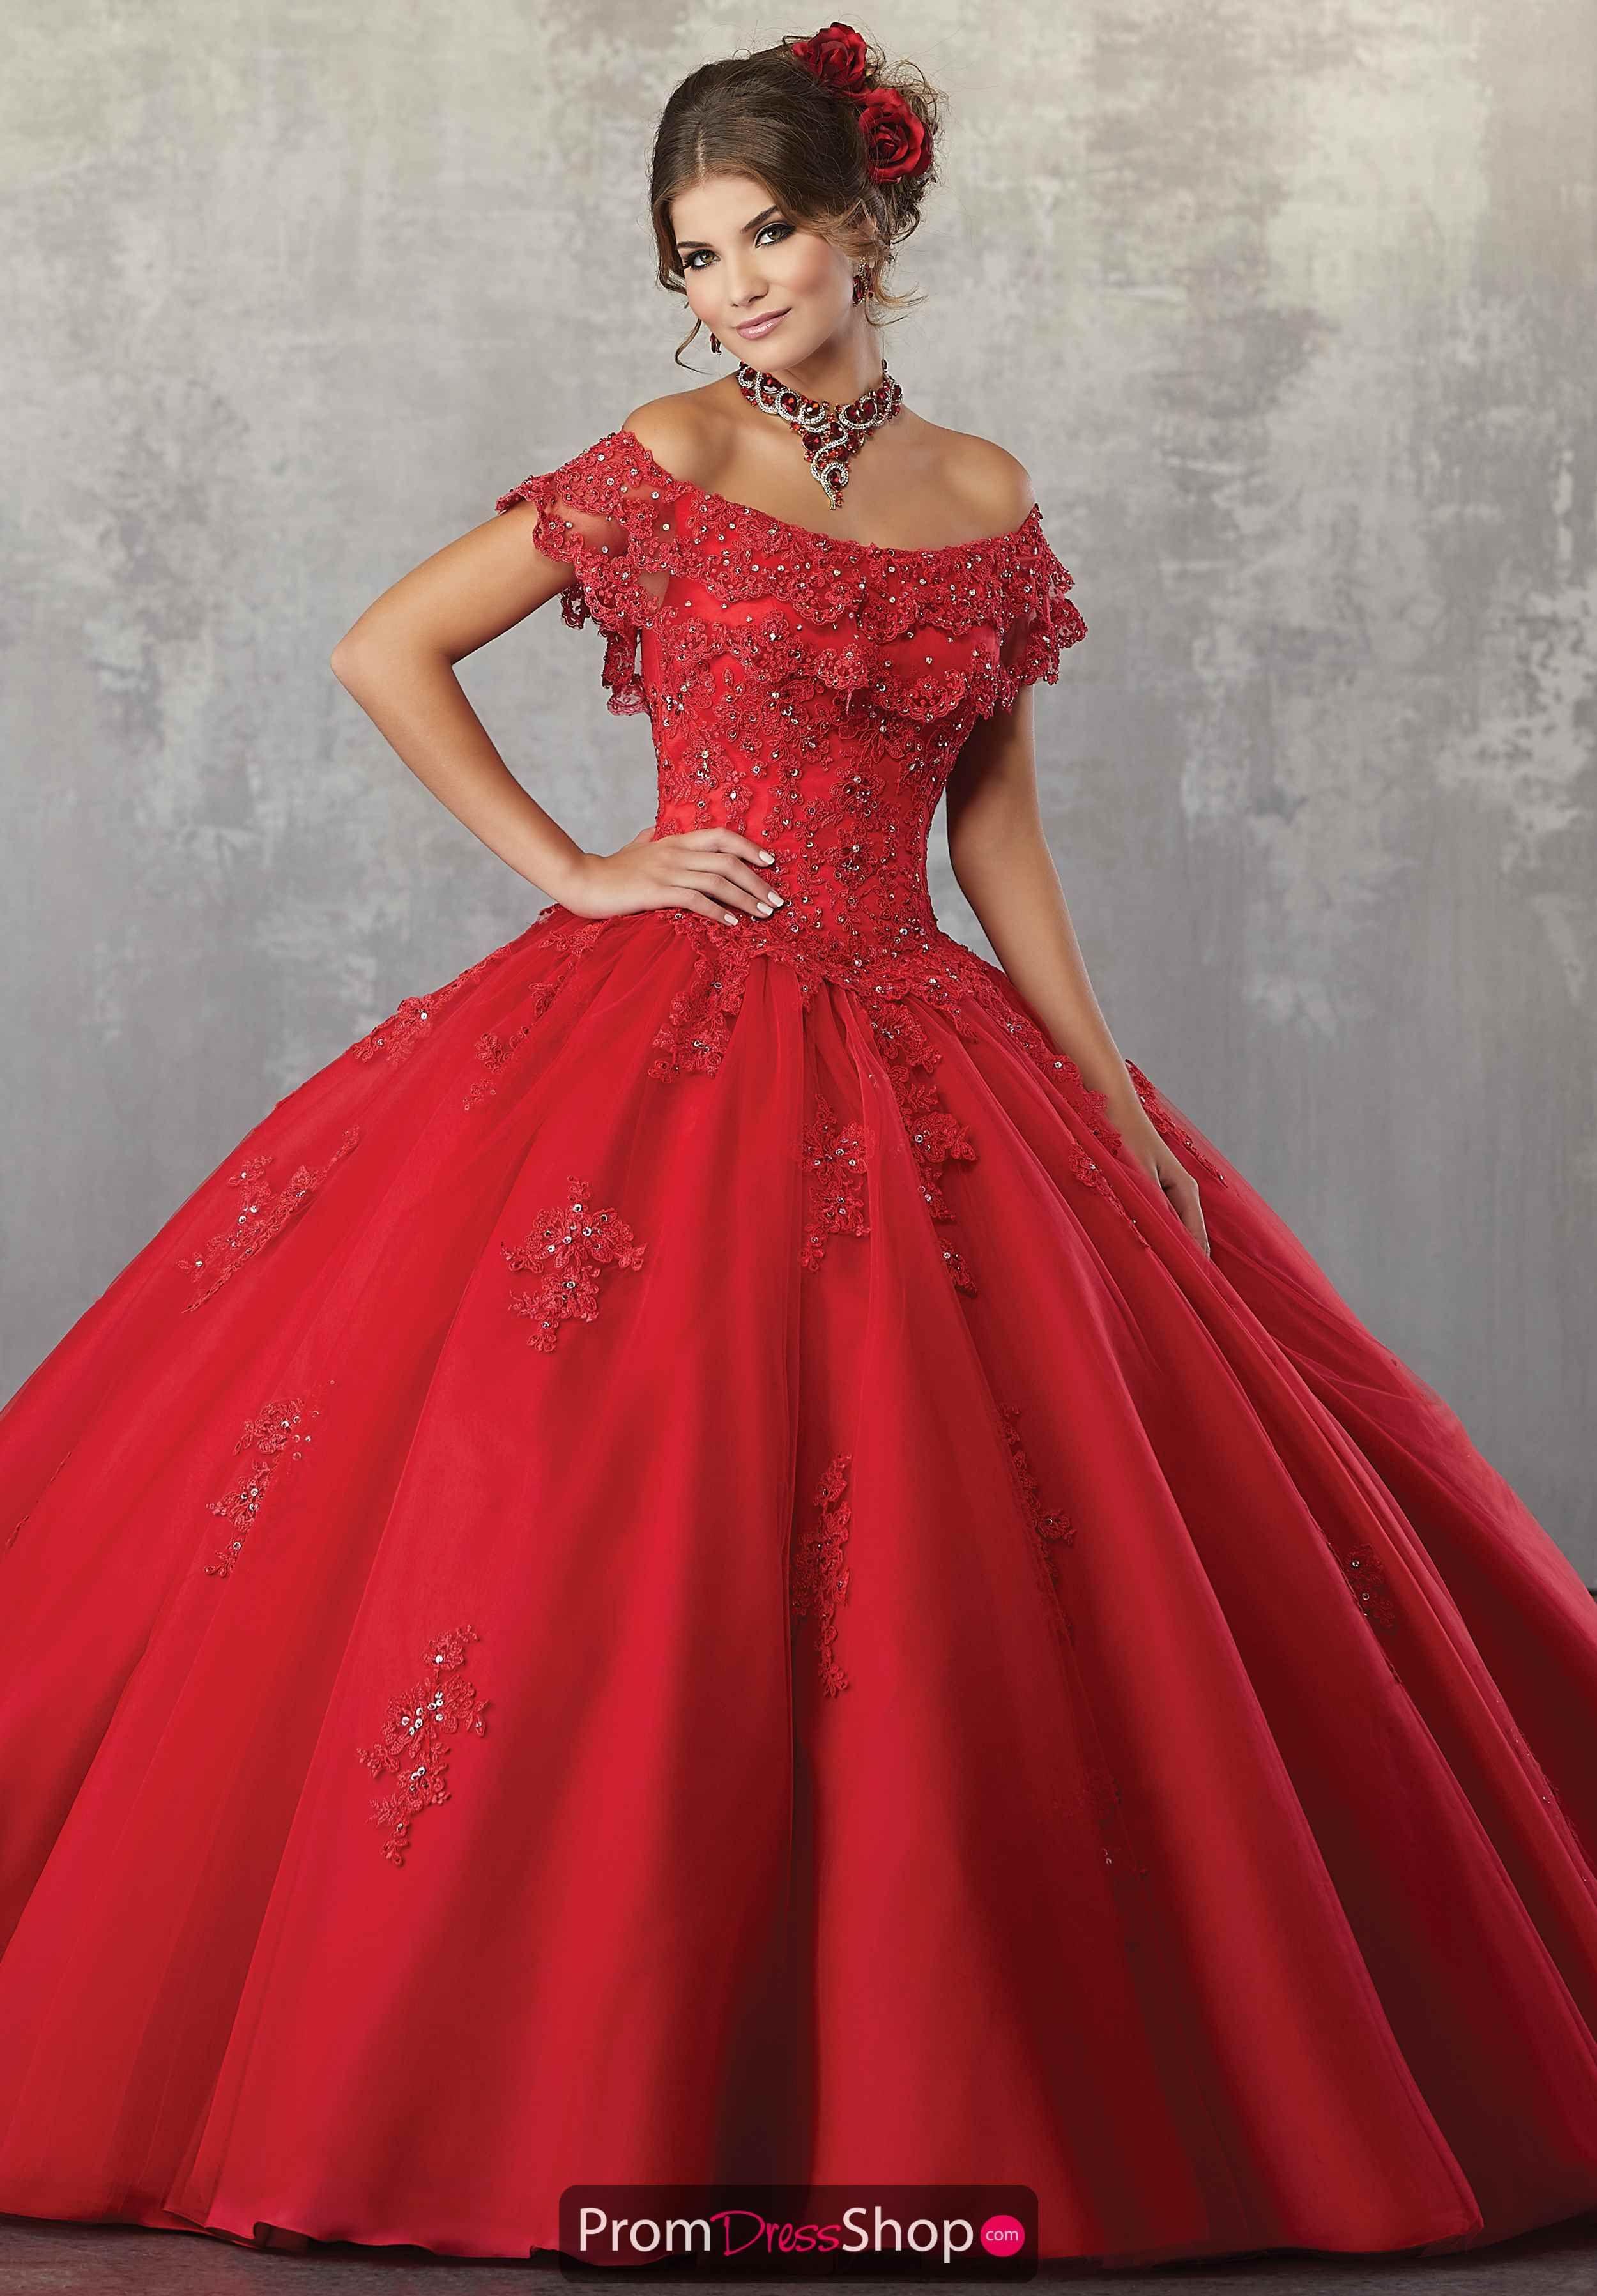 Vizcaya Dress 89168 Promdressshop Com Mori Lee Quinceanera Dresses Mexican Quinceanera Dresses Red Quinceanera Dresses [ 3594 x 2500 Pixel ]